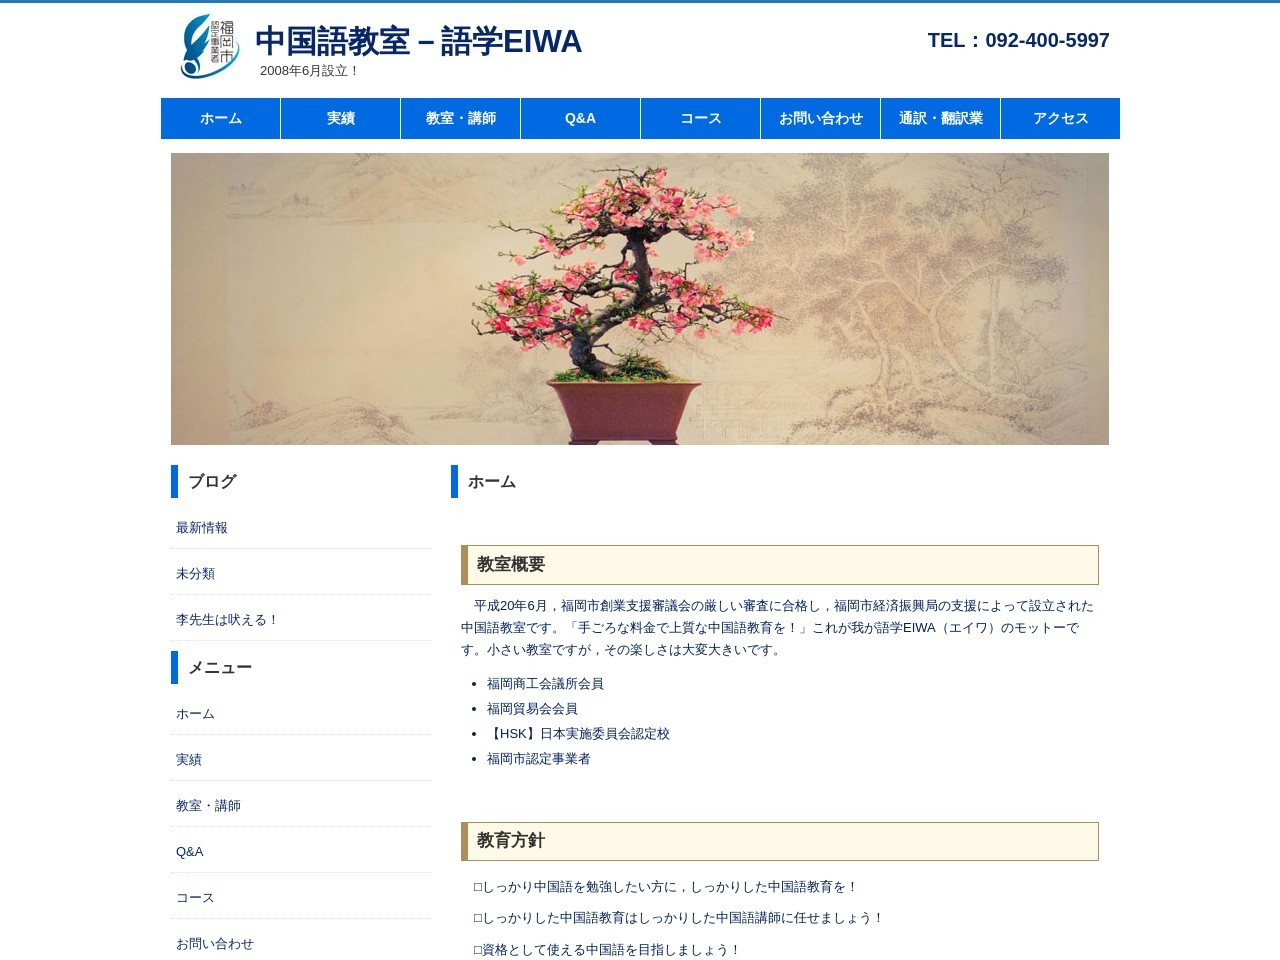 中国語教室語学EIWA